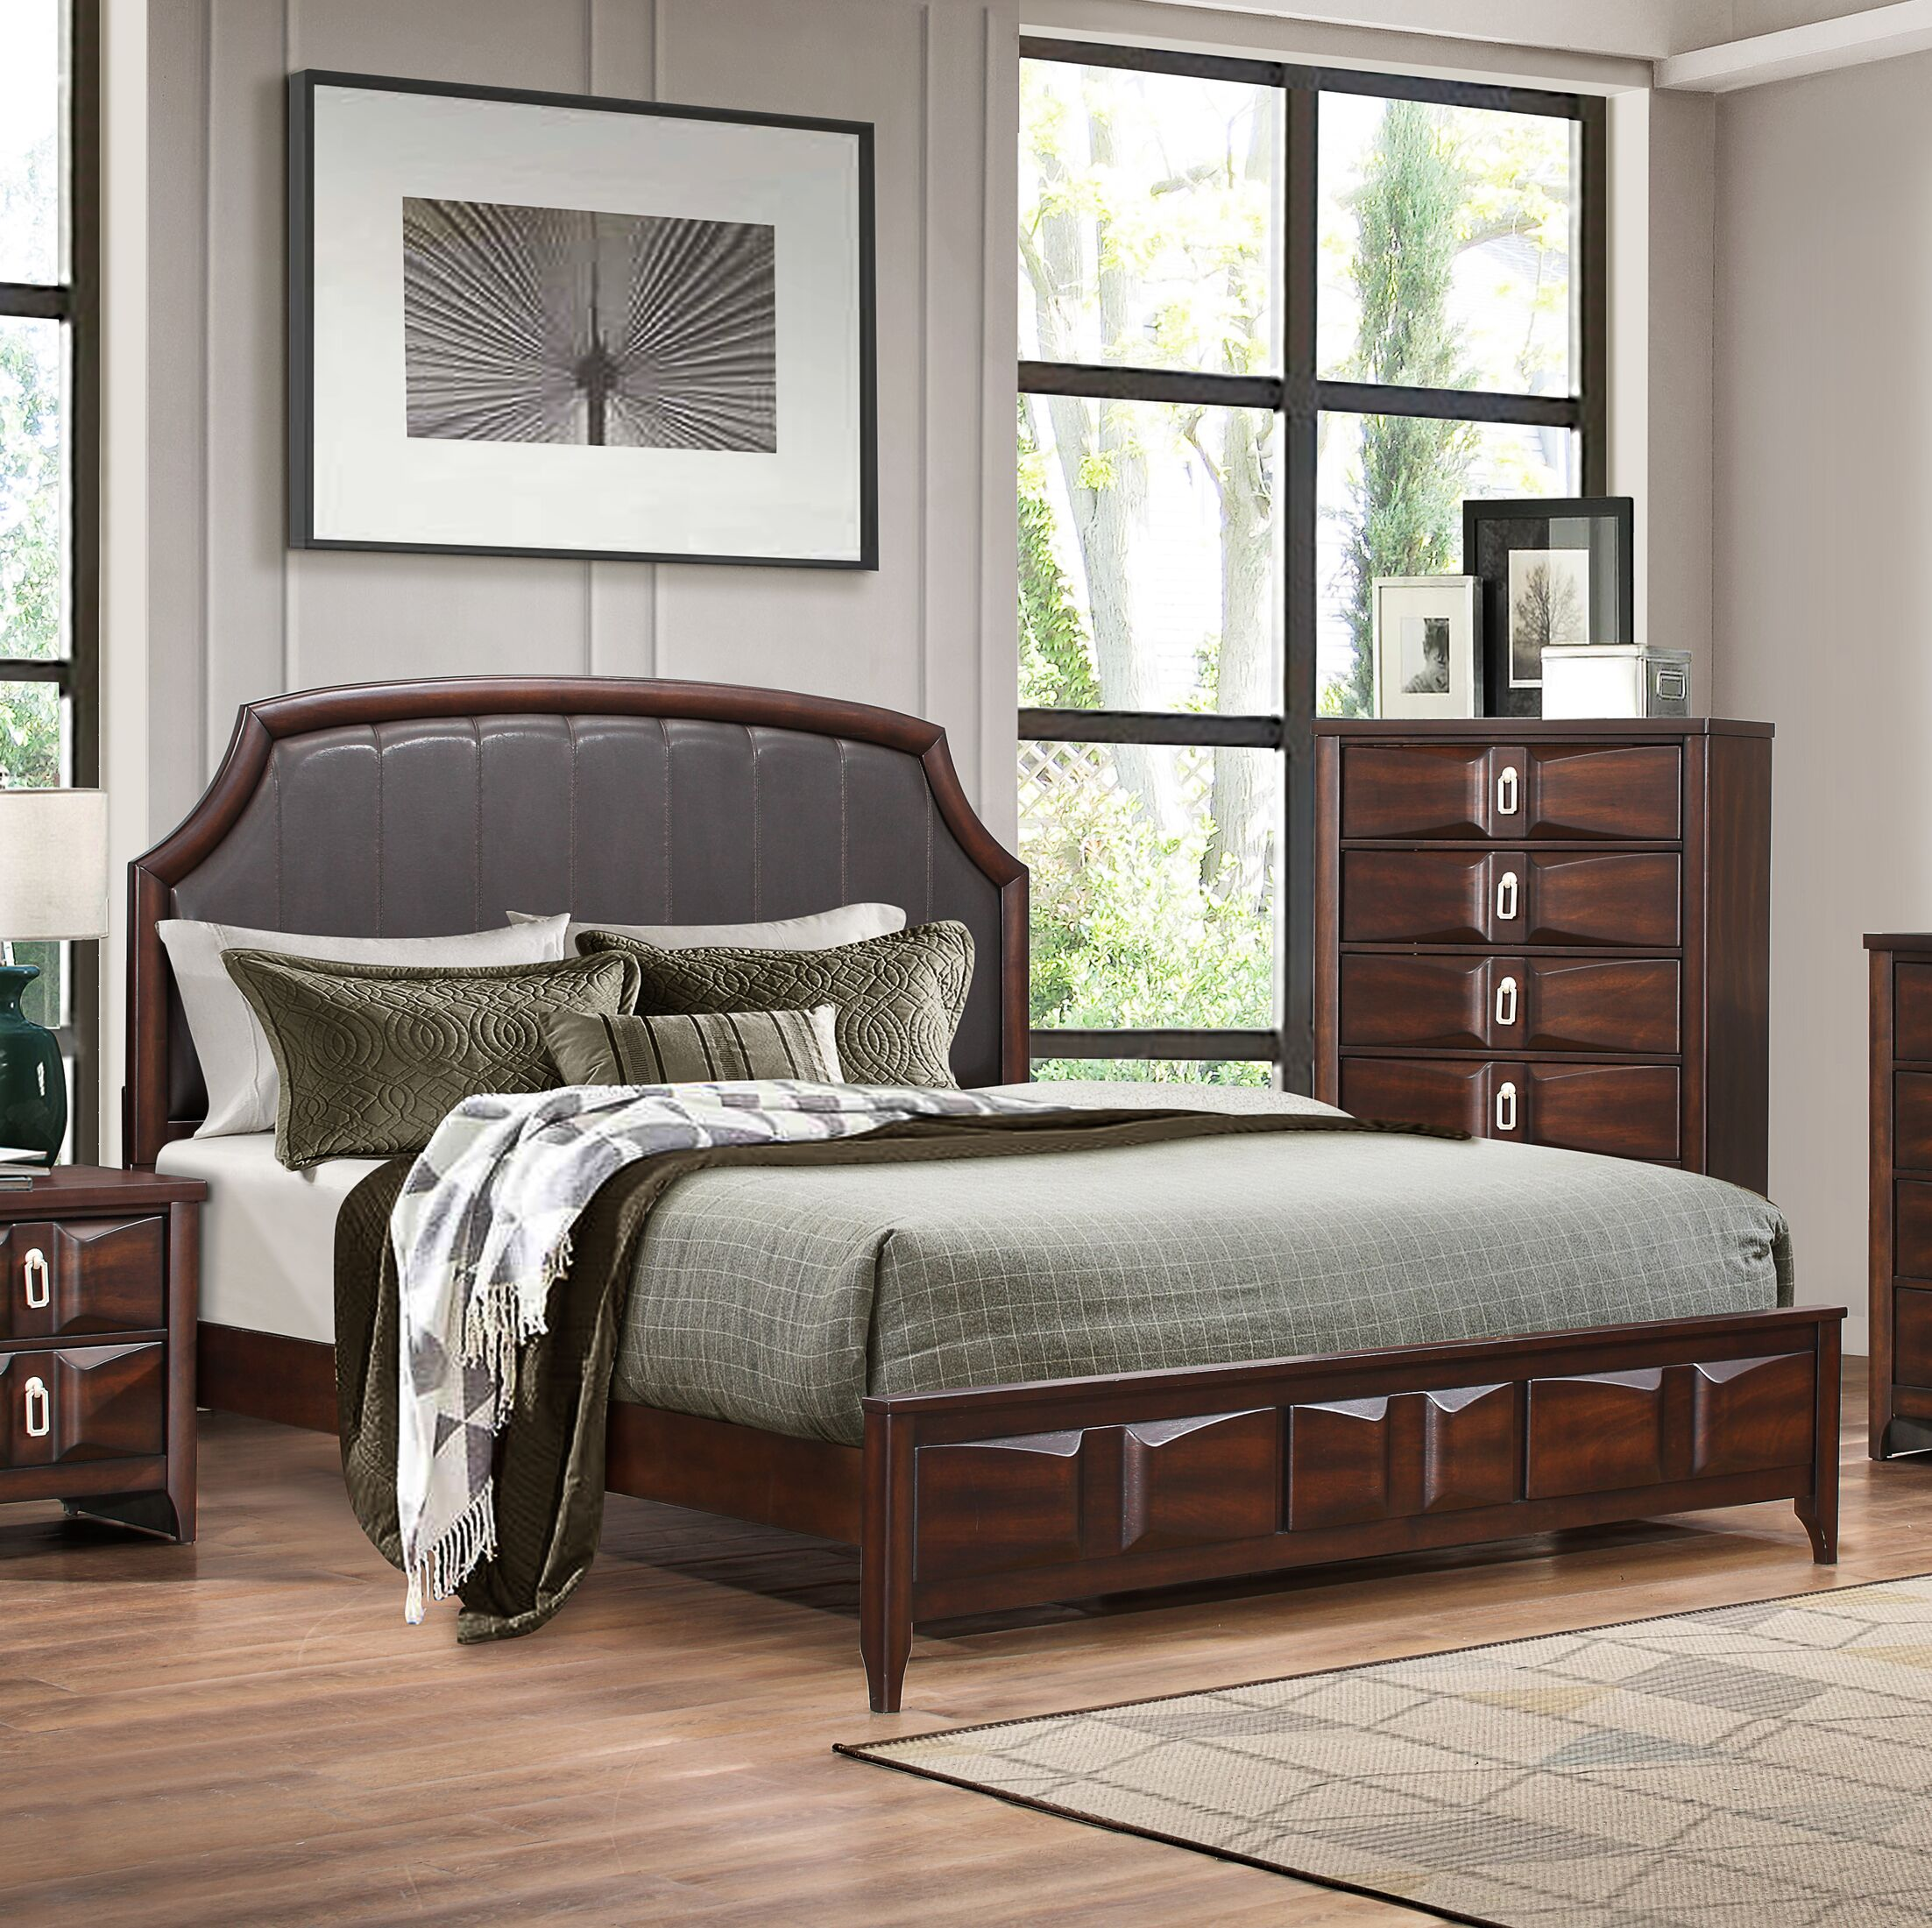 Redbrook Upholstered Panel Bed Size: King